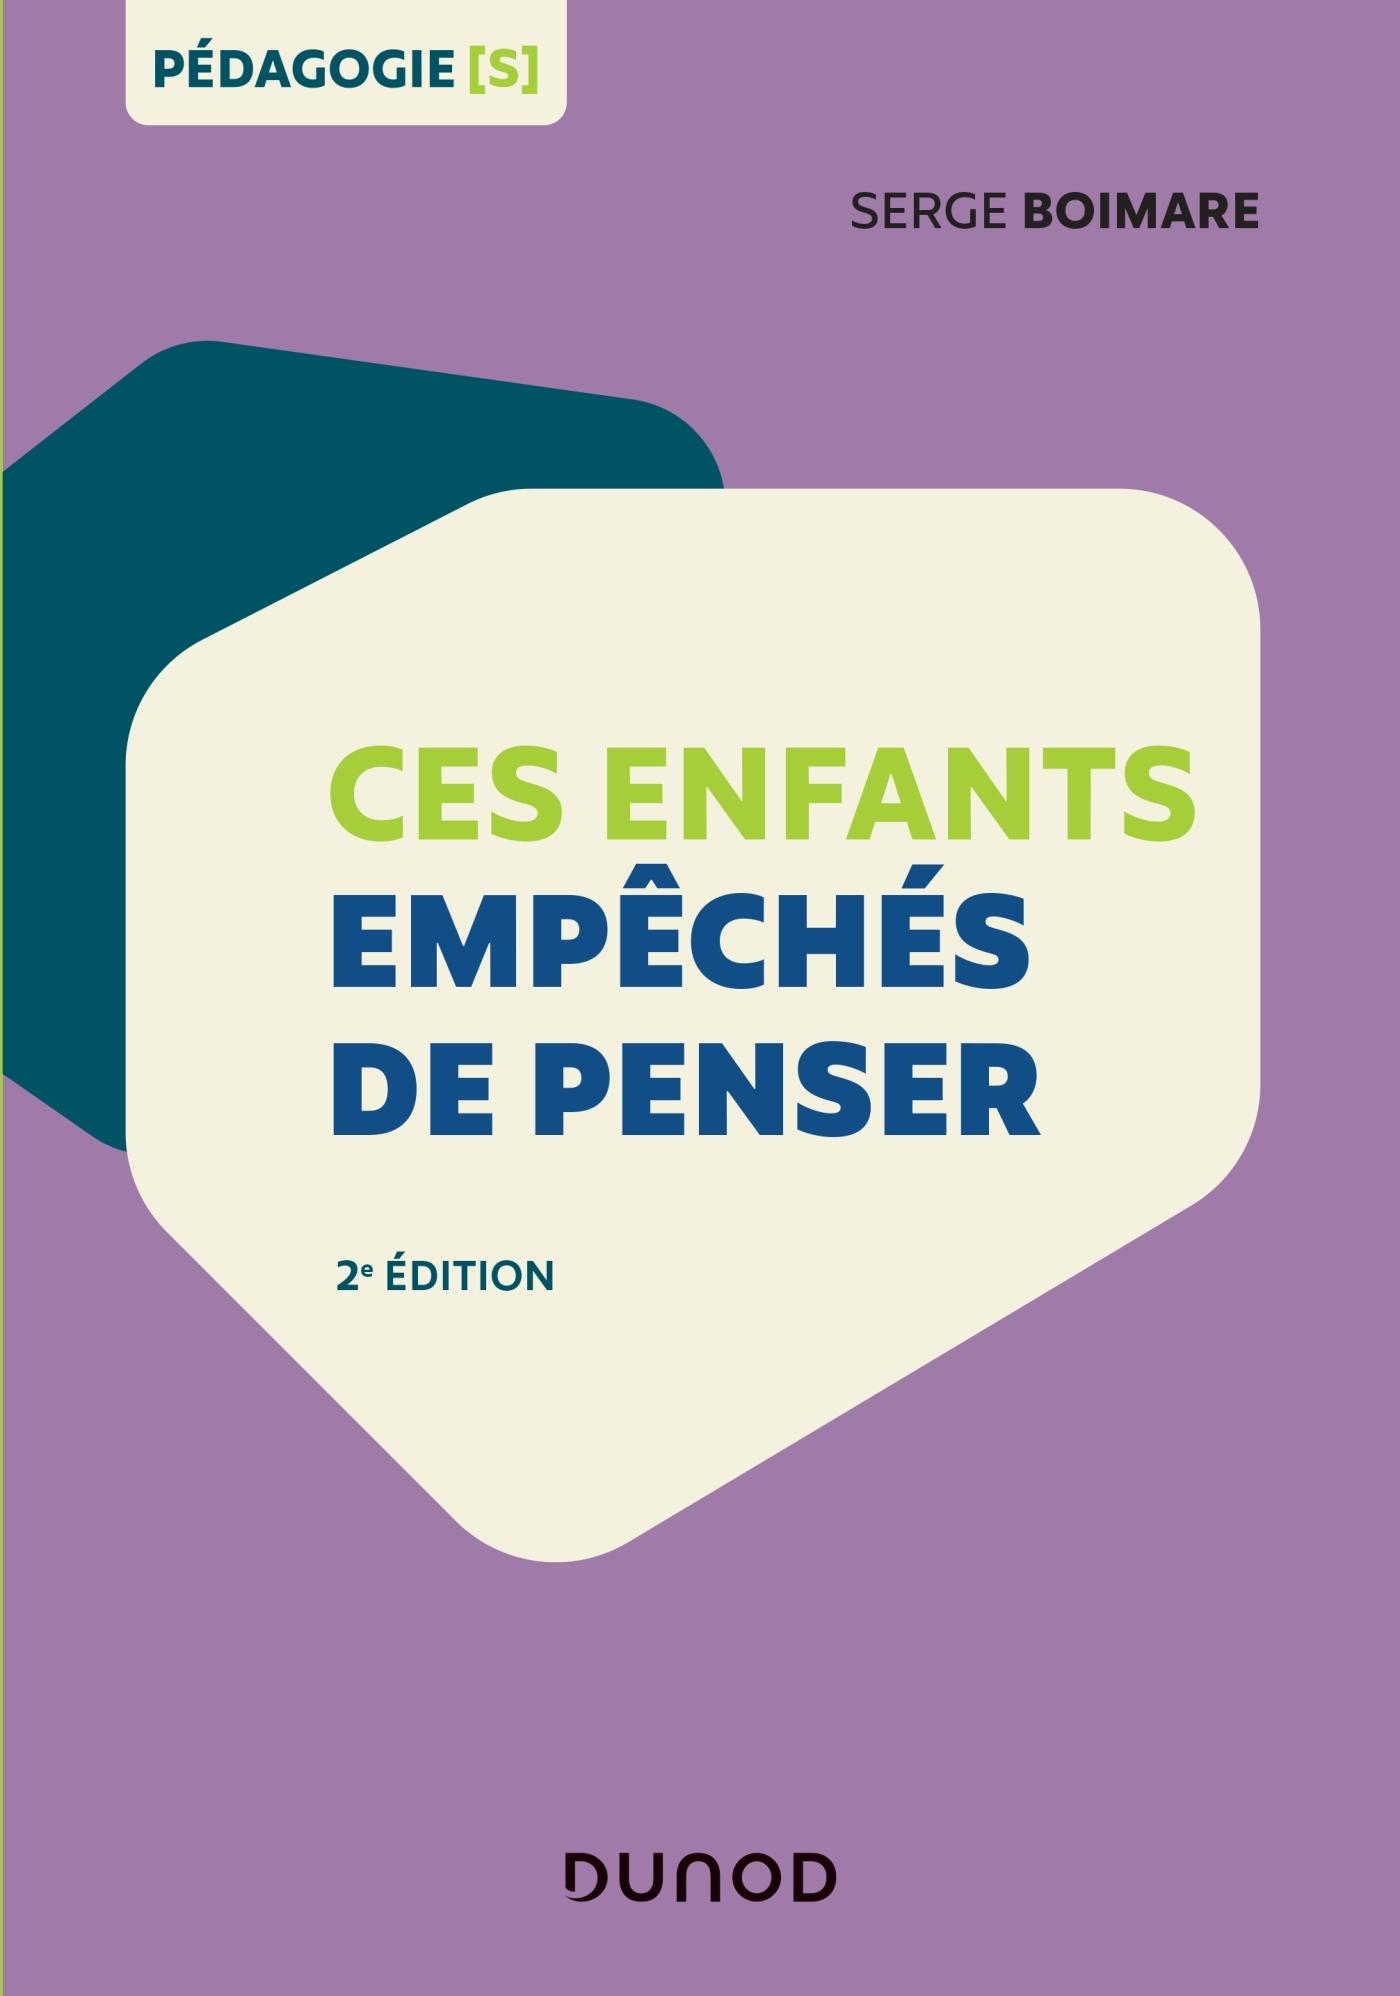 CES ENFANTS EMPECHES DE PENSER